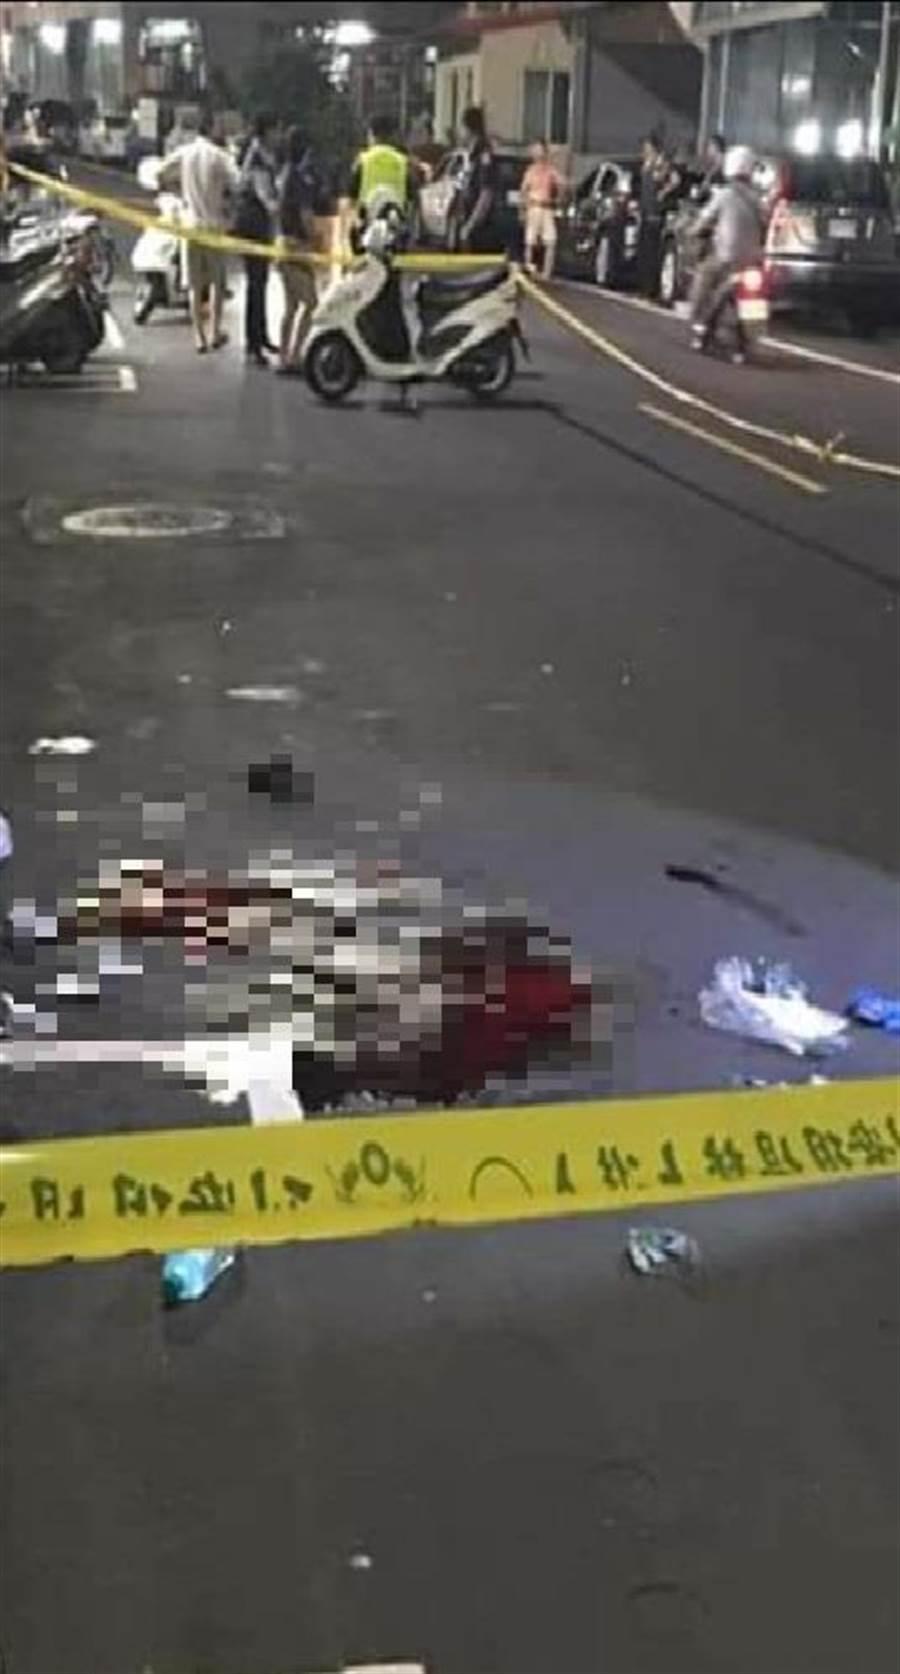 1名約20多歲的越南籍男子,今晚於五股區御成路一間超商前,遭人砍傷,身中數刀倒臥血泊當中。(吳亮賢翻攝)